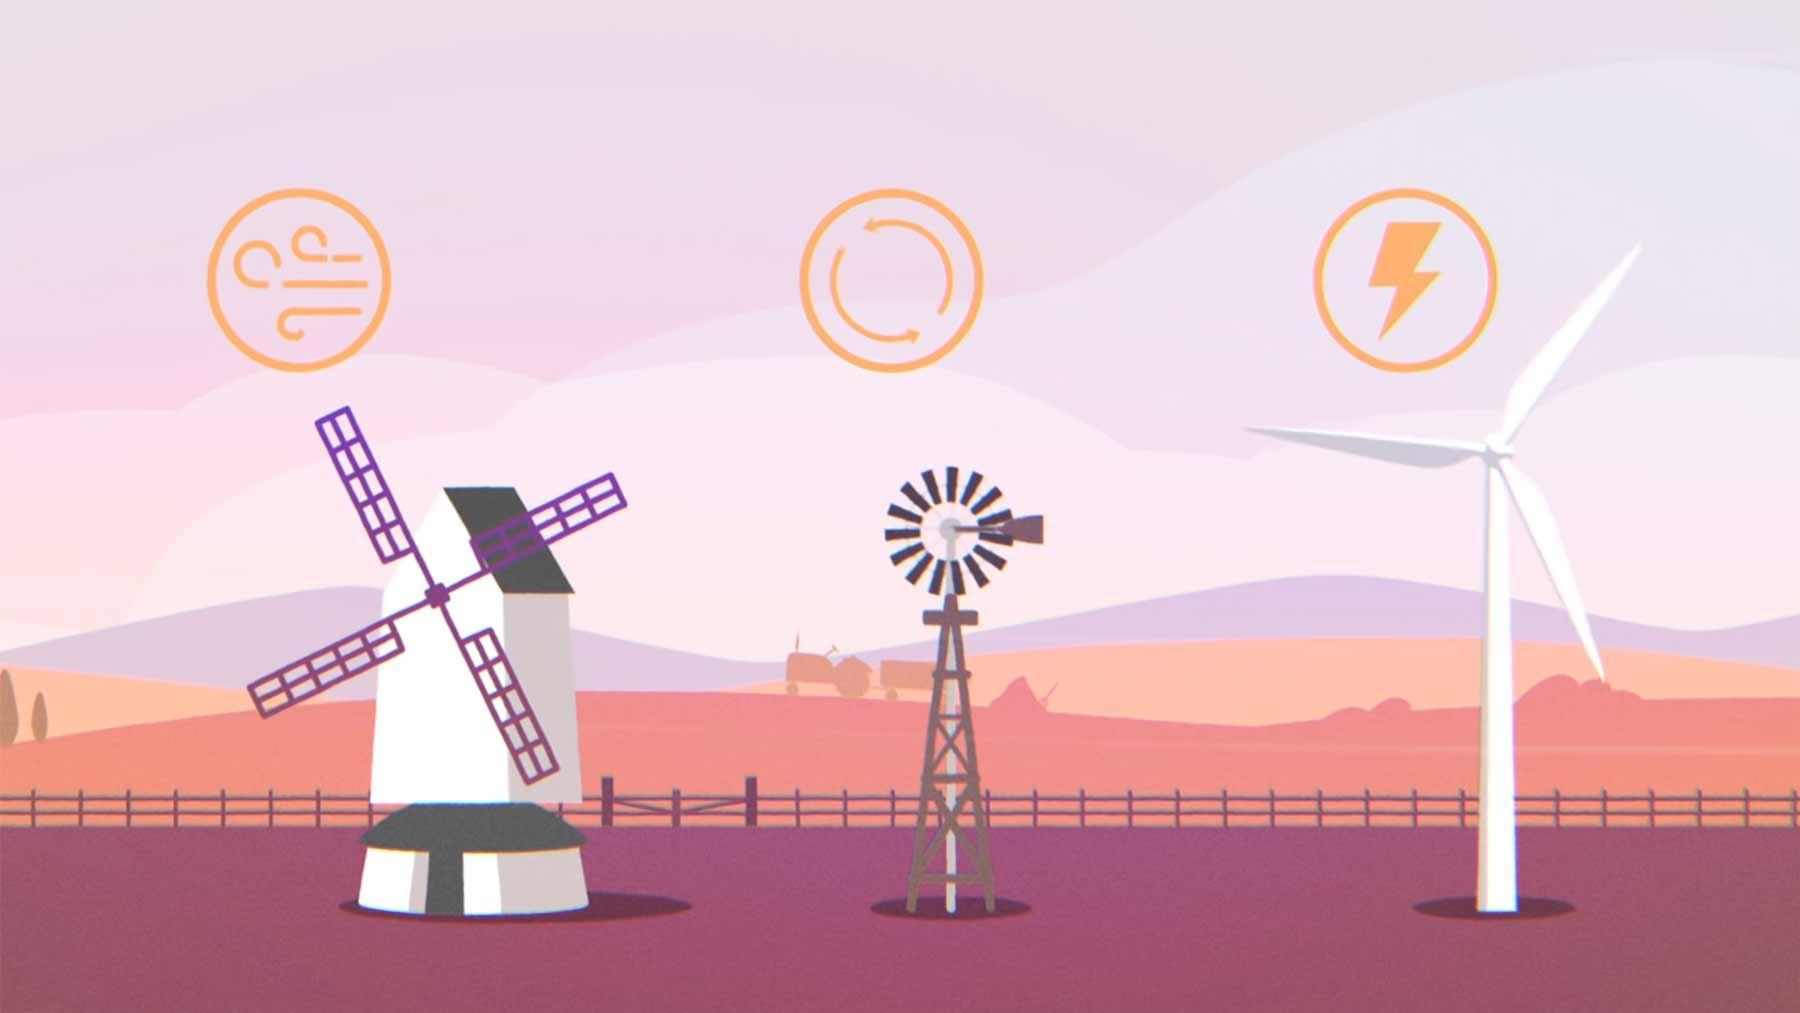 Wie funktionieren eigentlich Windkraftanlagen genau?